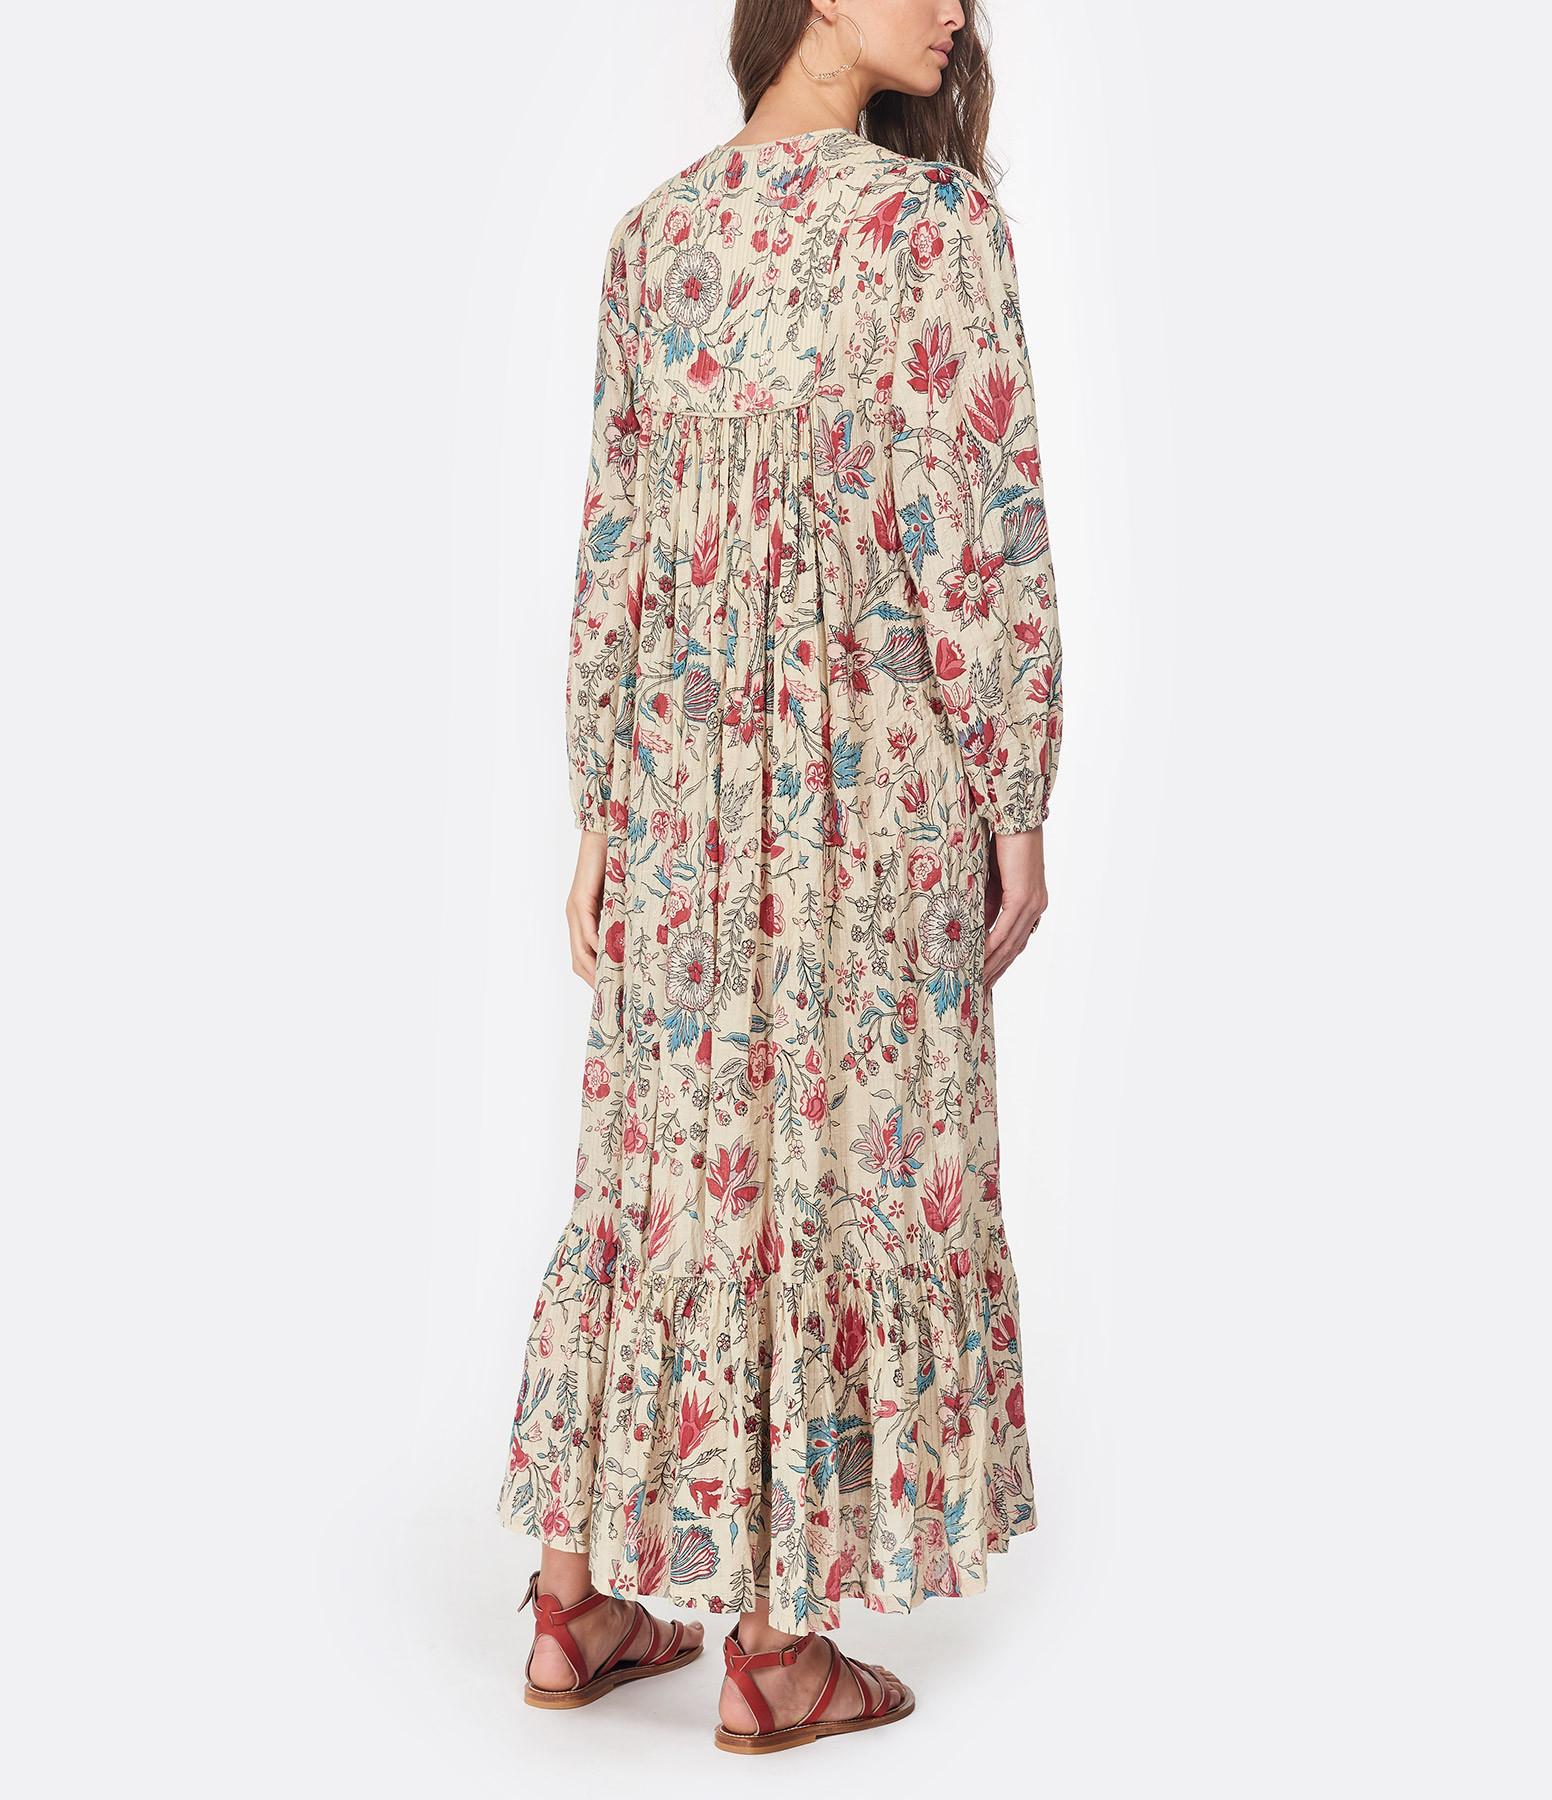 LAURENCE BRAS - Robe Indienne Coton Imprimé Floral